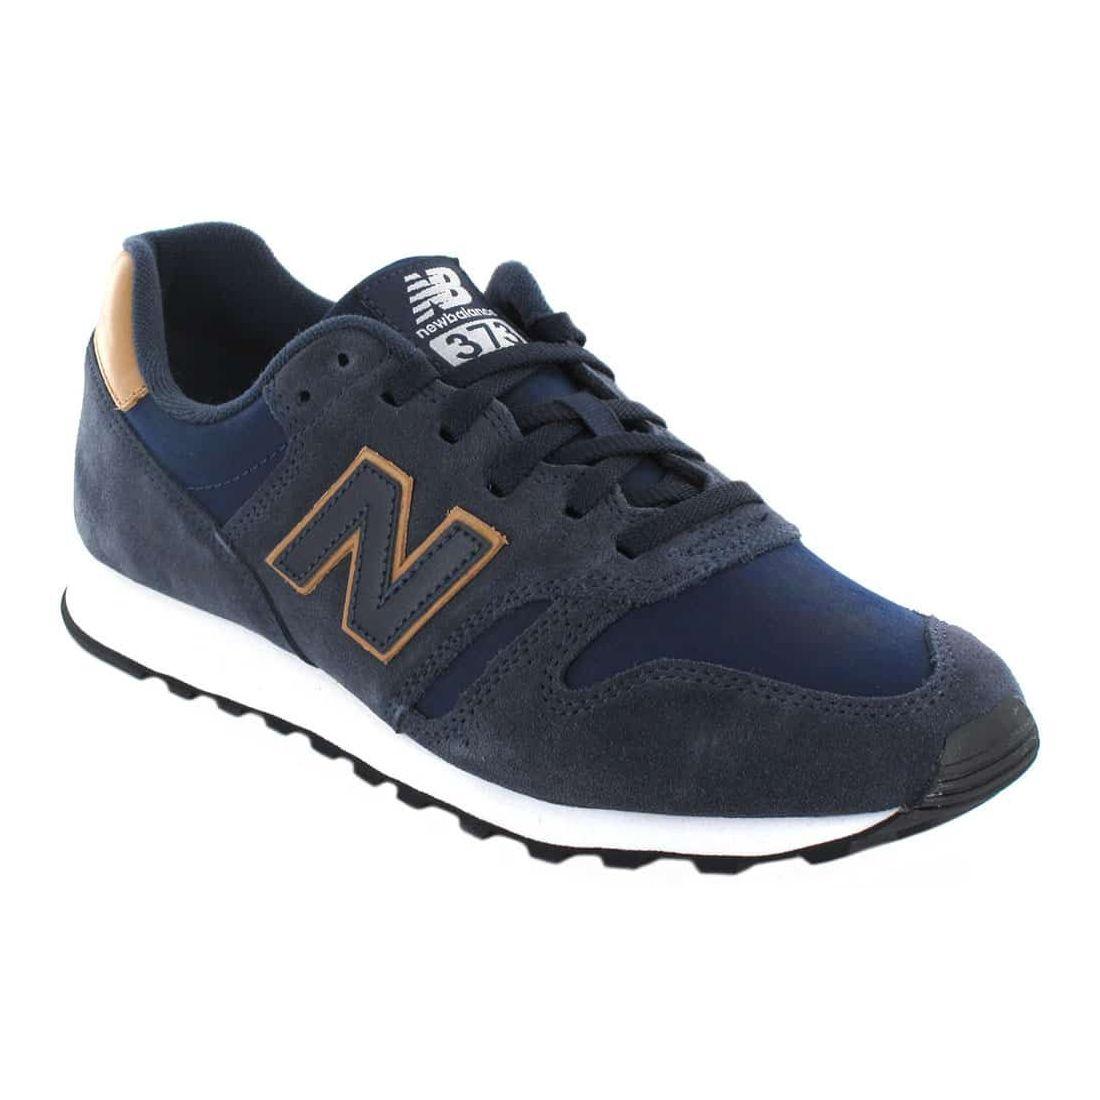 new balance zapatillas casual de hombre 373 new balance